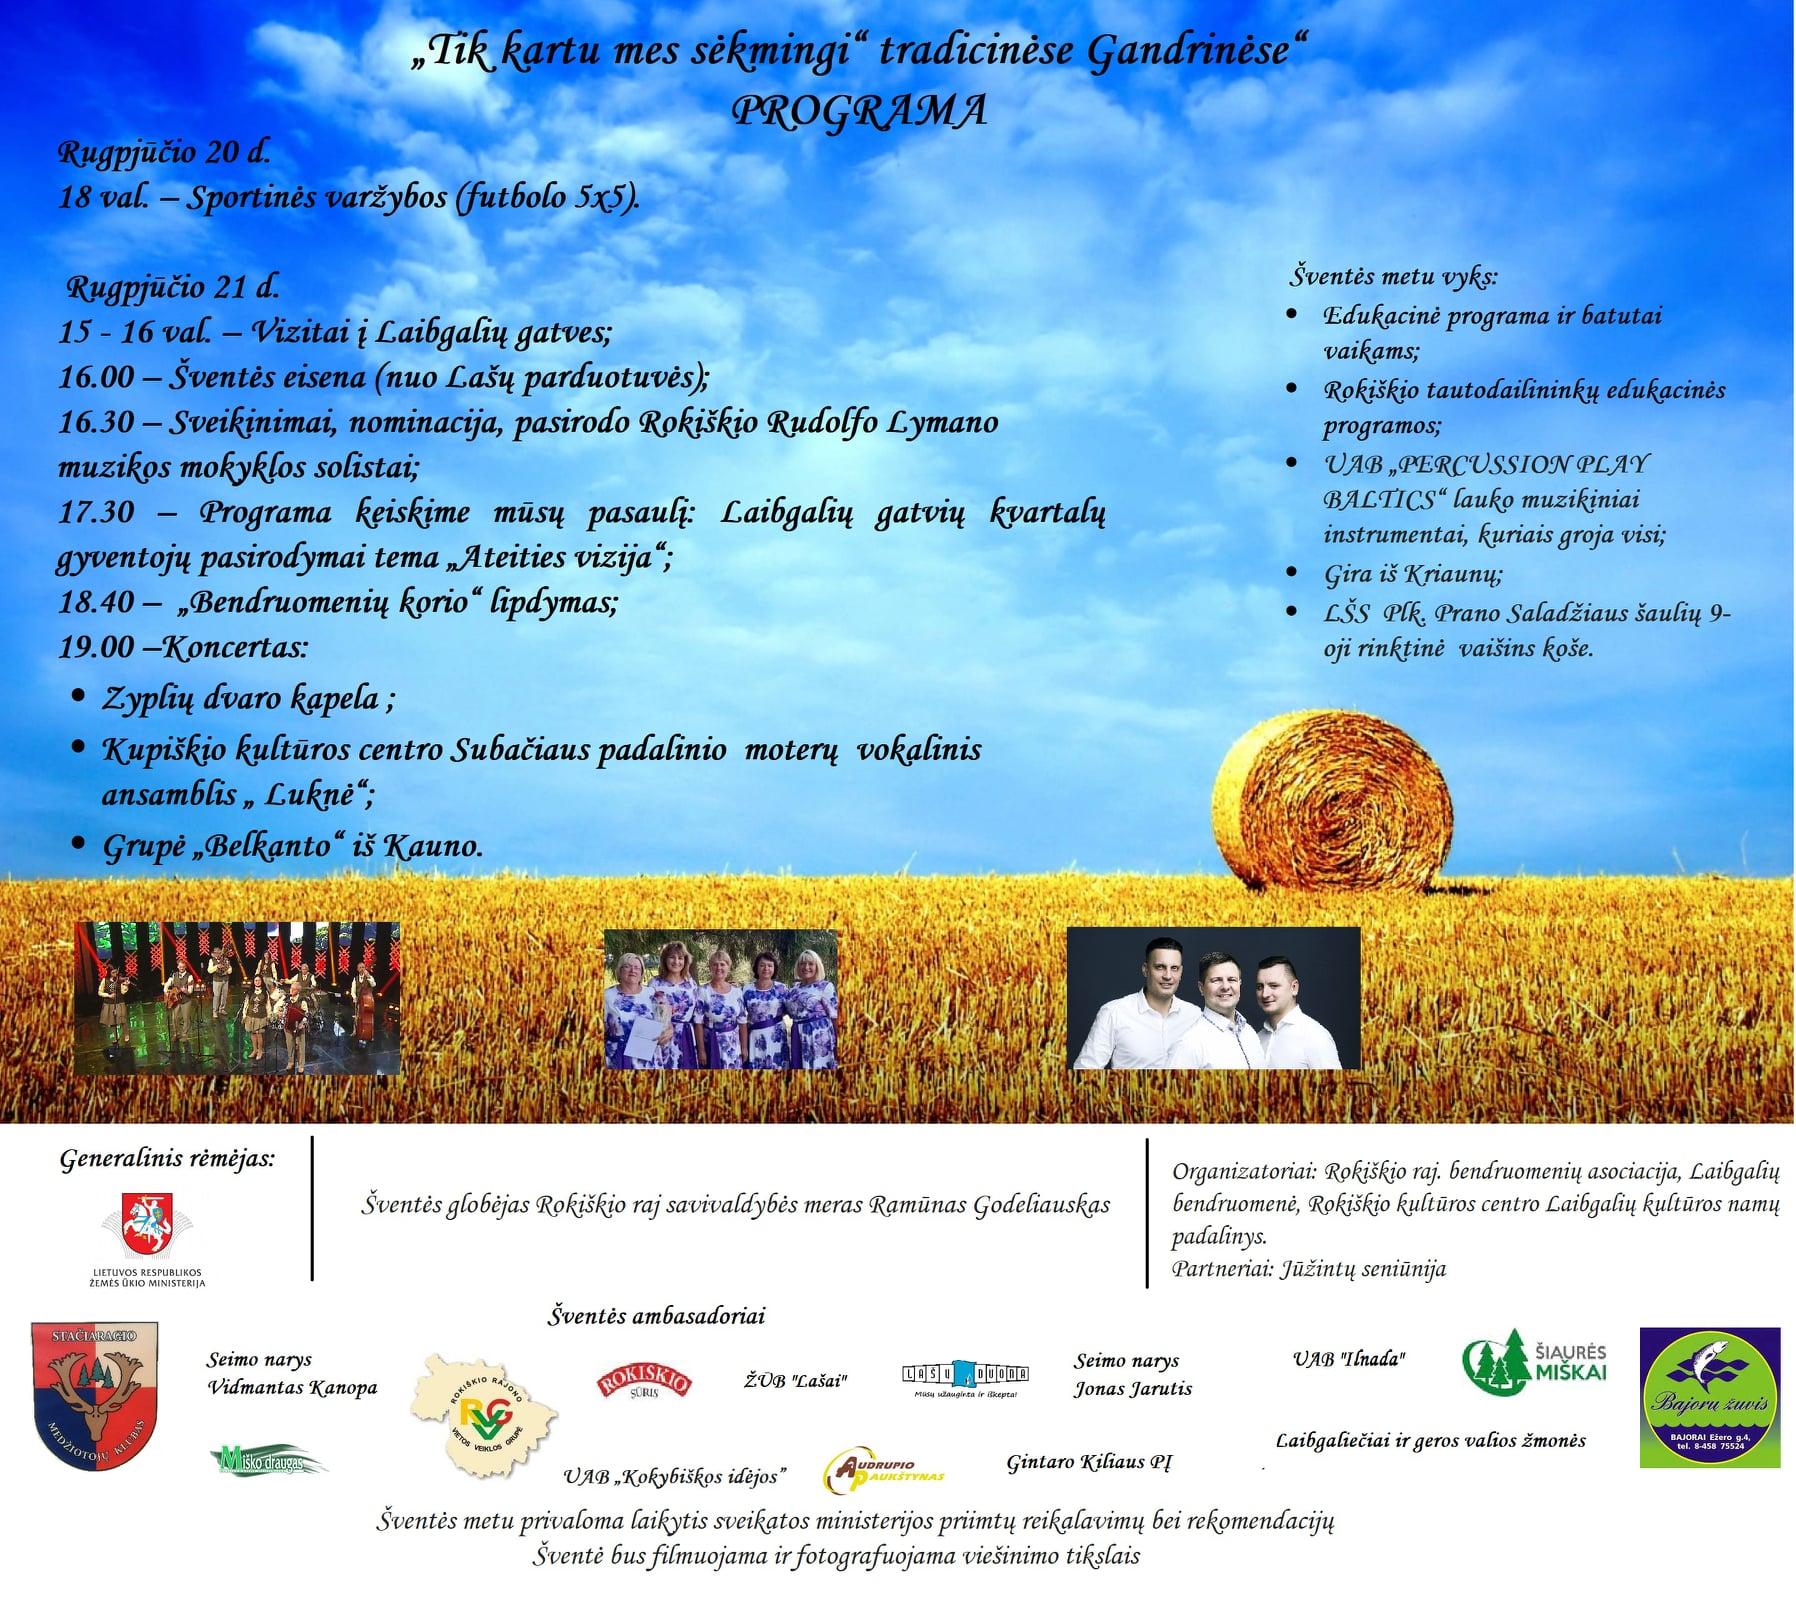 Rajono bendruomenių sąskrydis rudeninės Gandrinėse